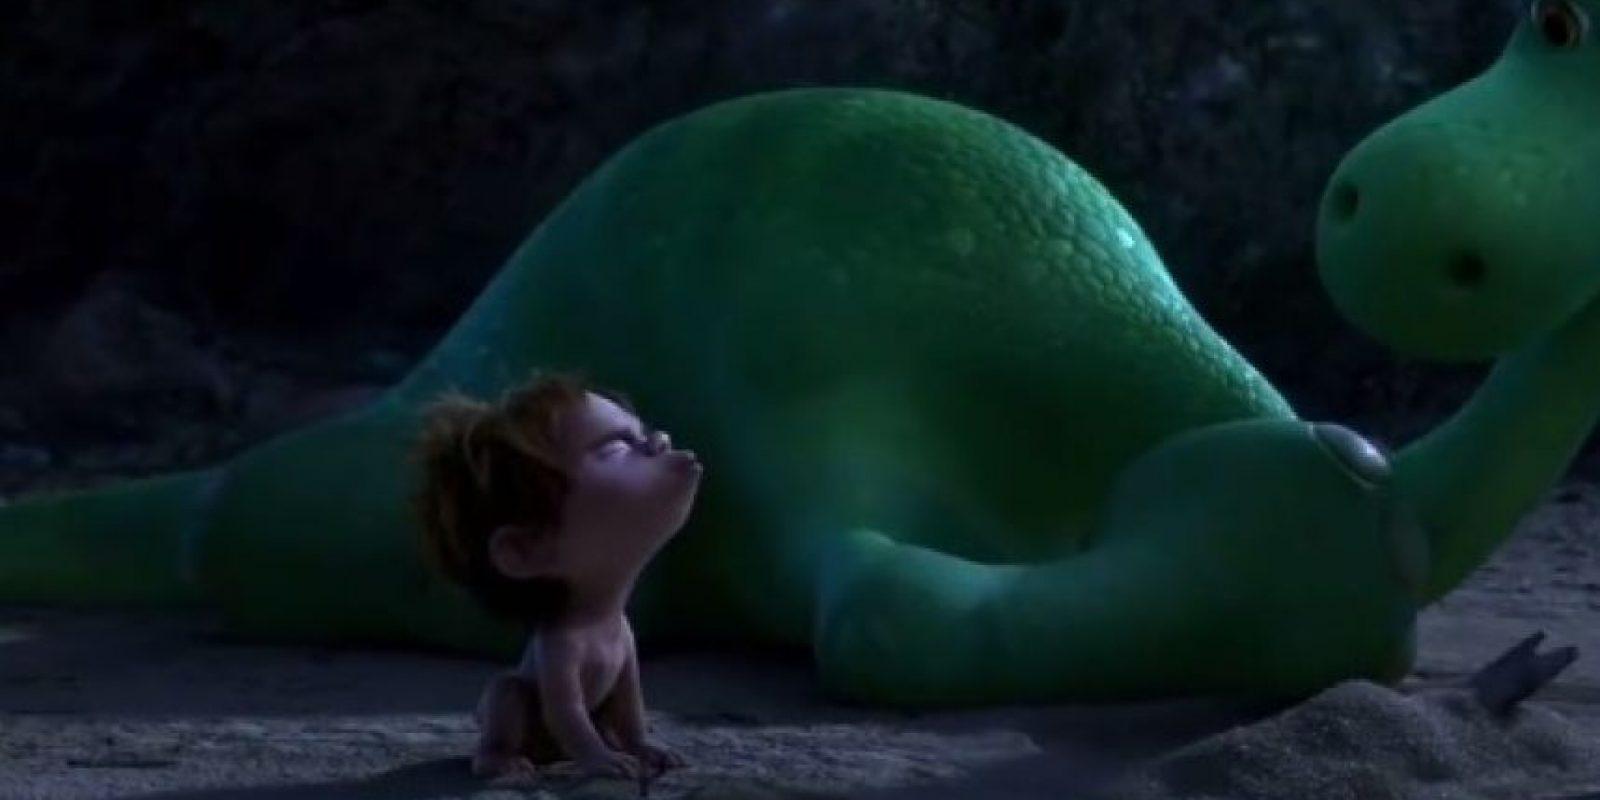 Foto: Disney/Pixar